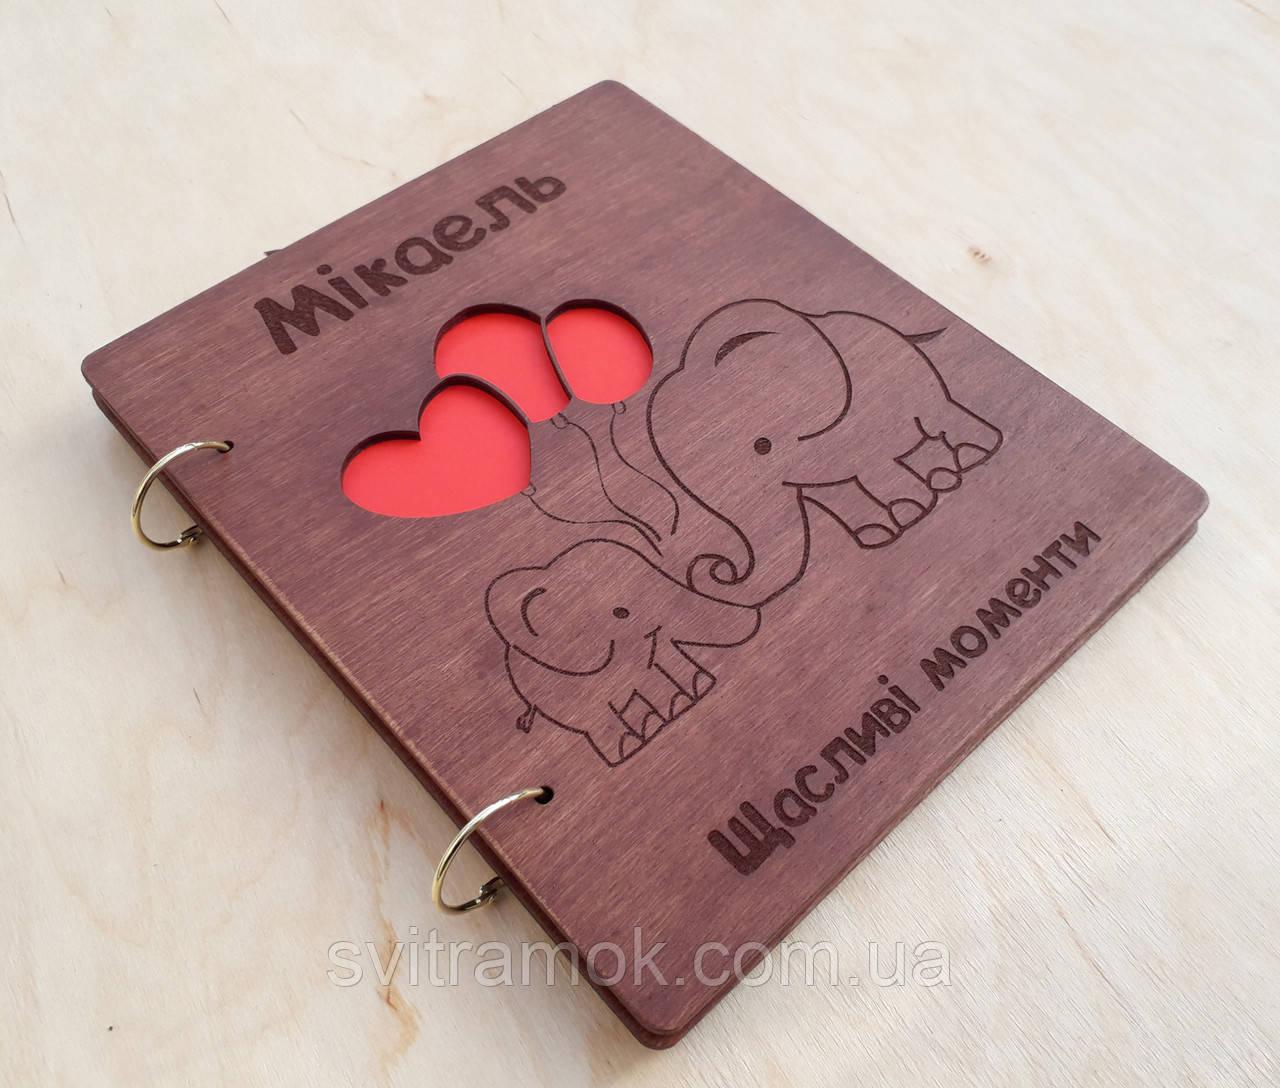 Дитячий фотоальбом з дерев'яна яною обкладинкою ручної роботи